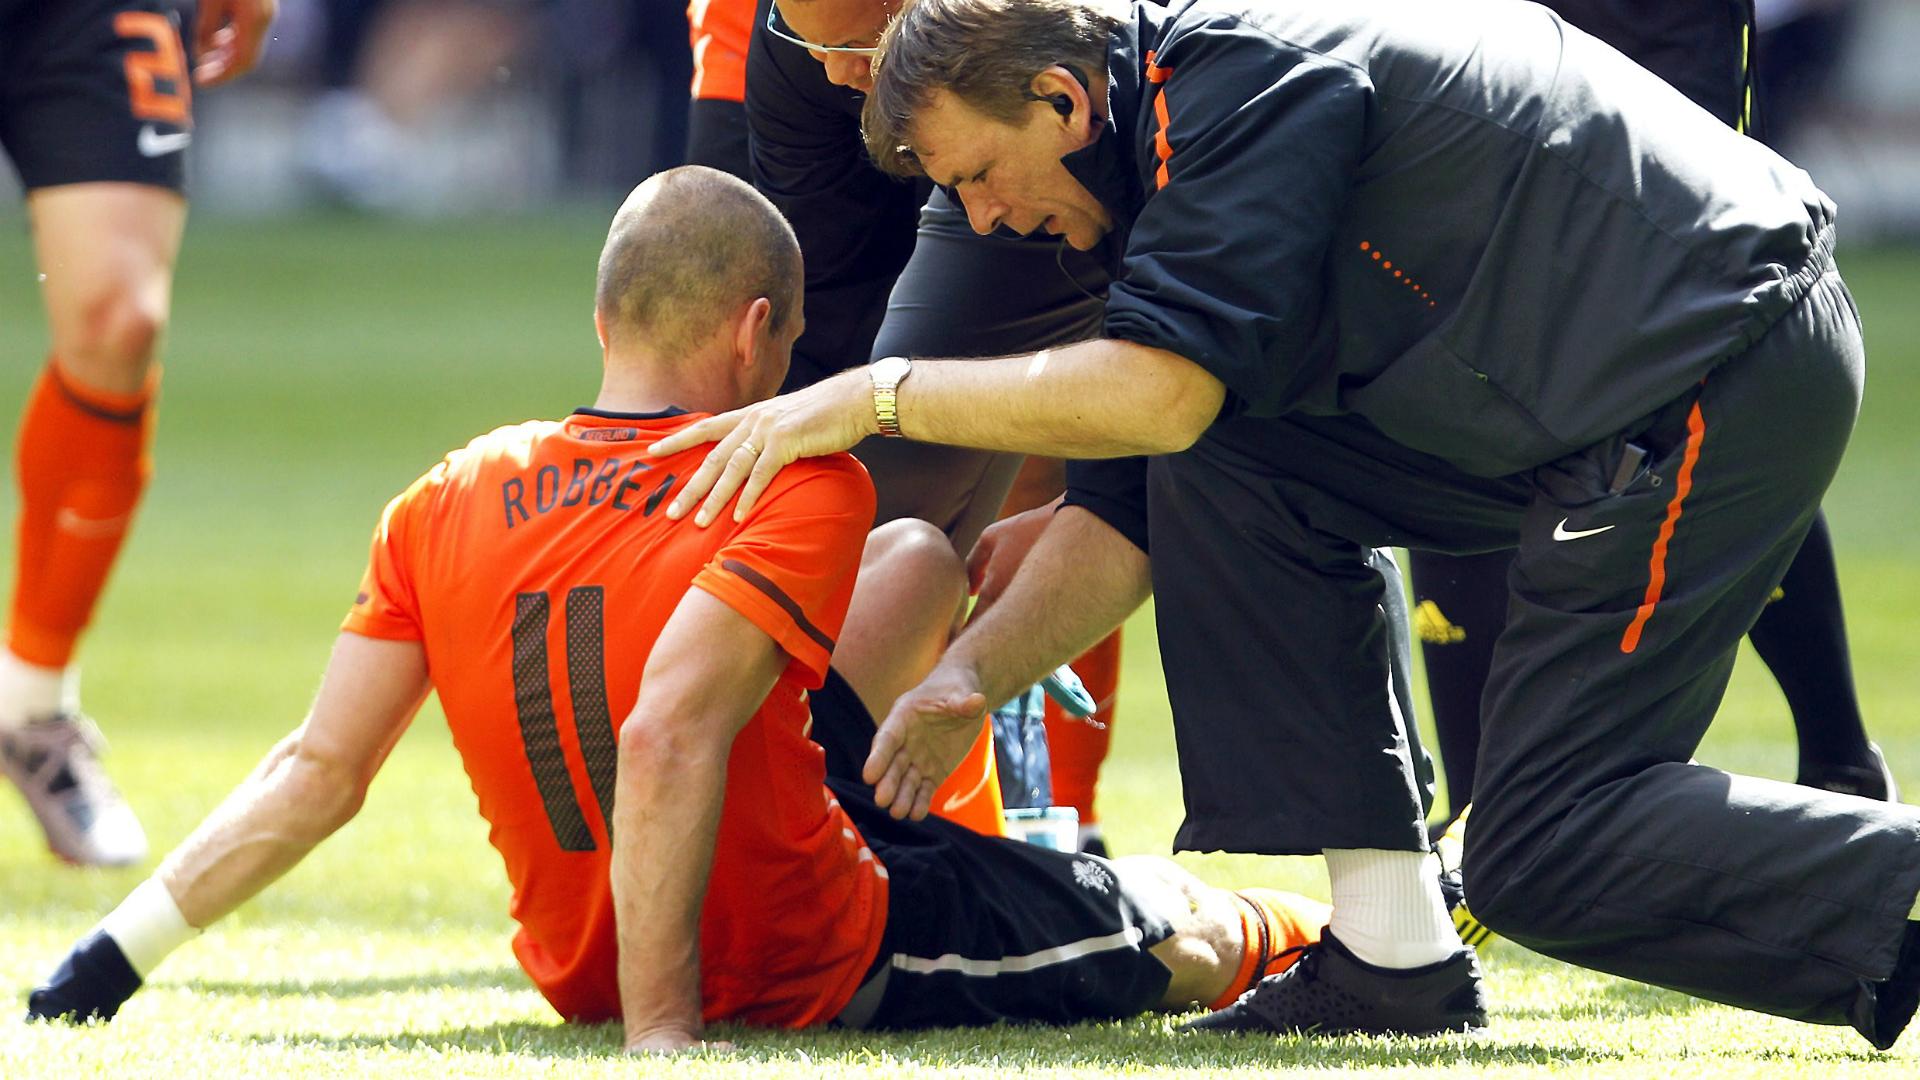 Arjen Robben, Netherlands v Hungary, 2010